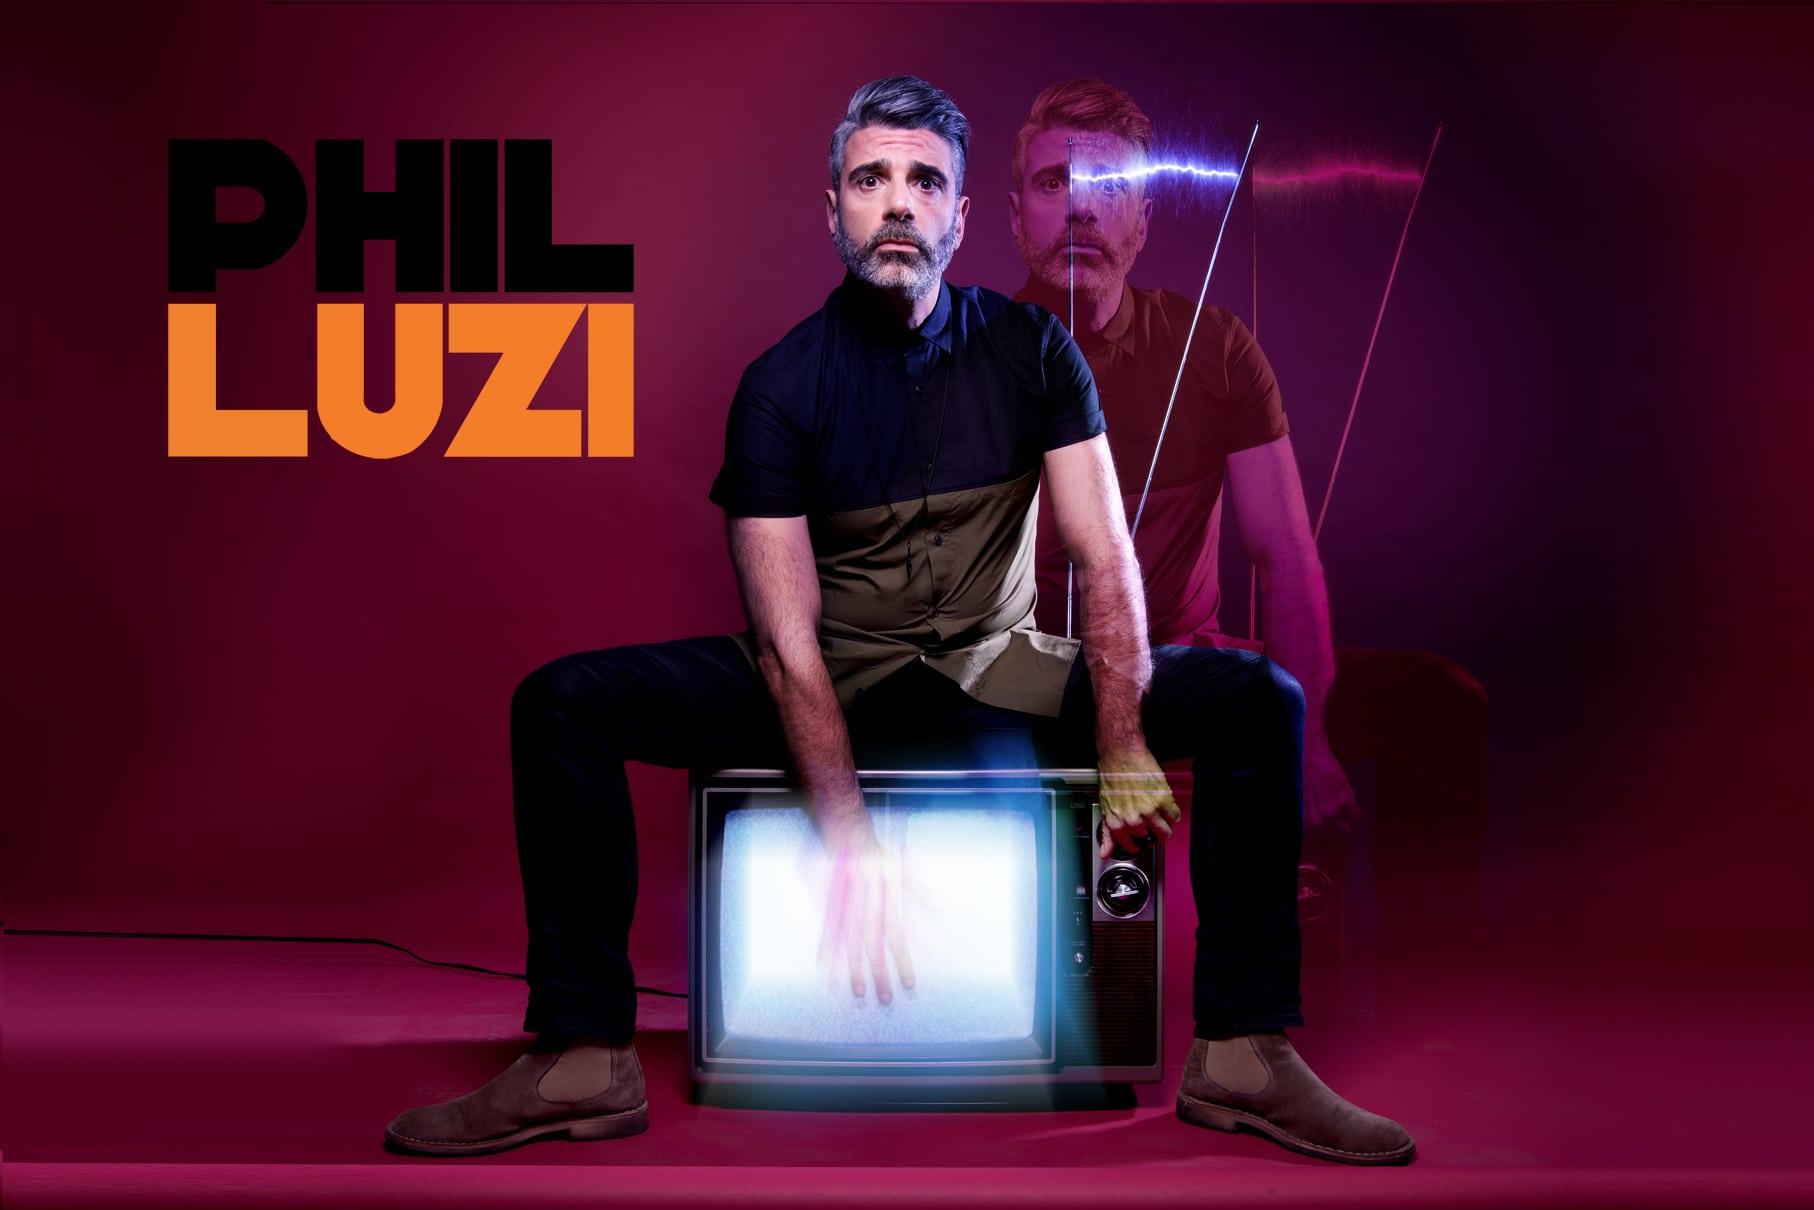 Phil Luzi director